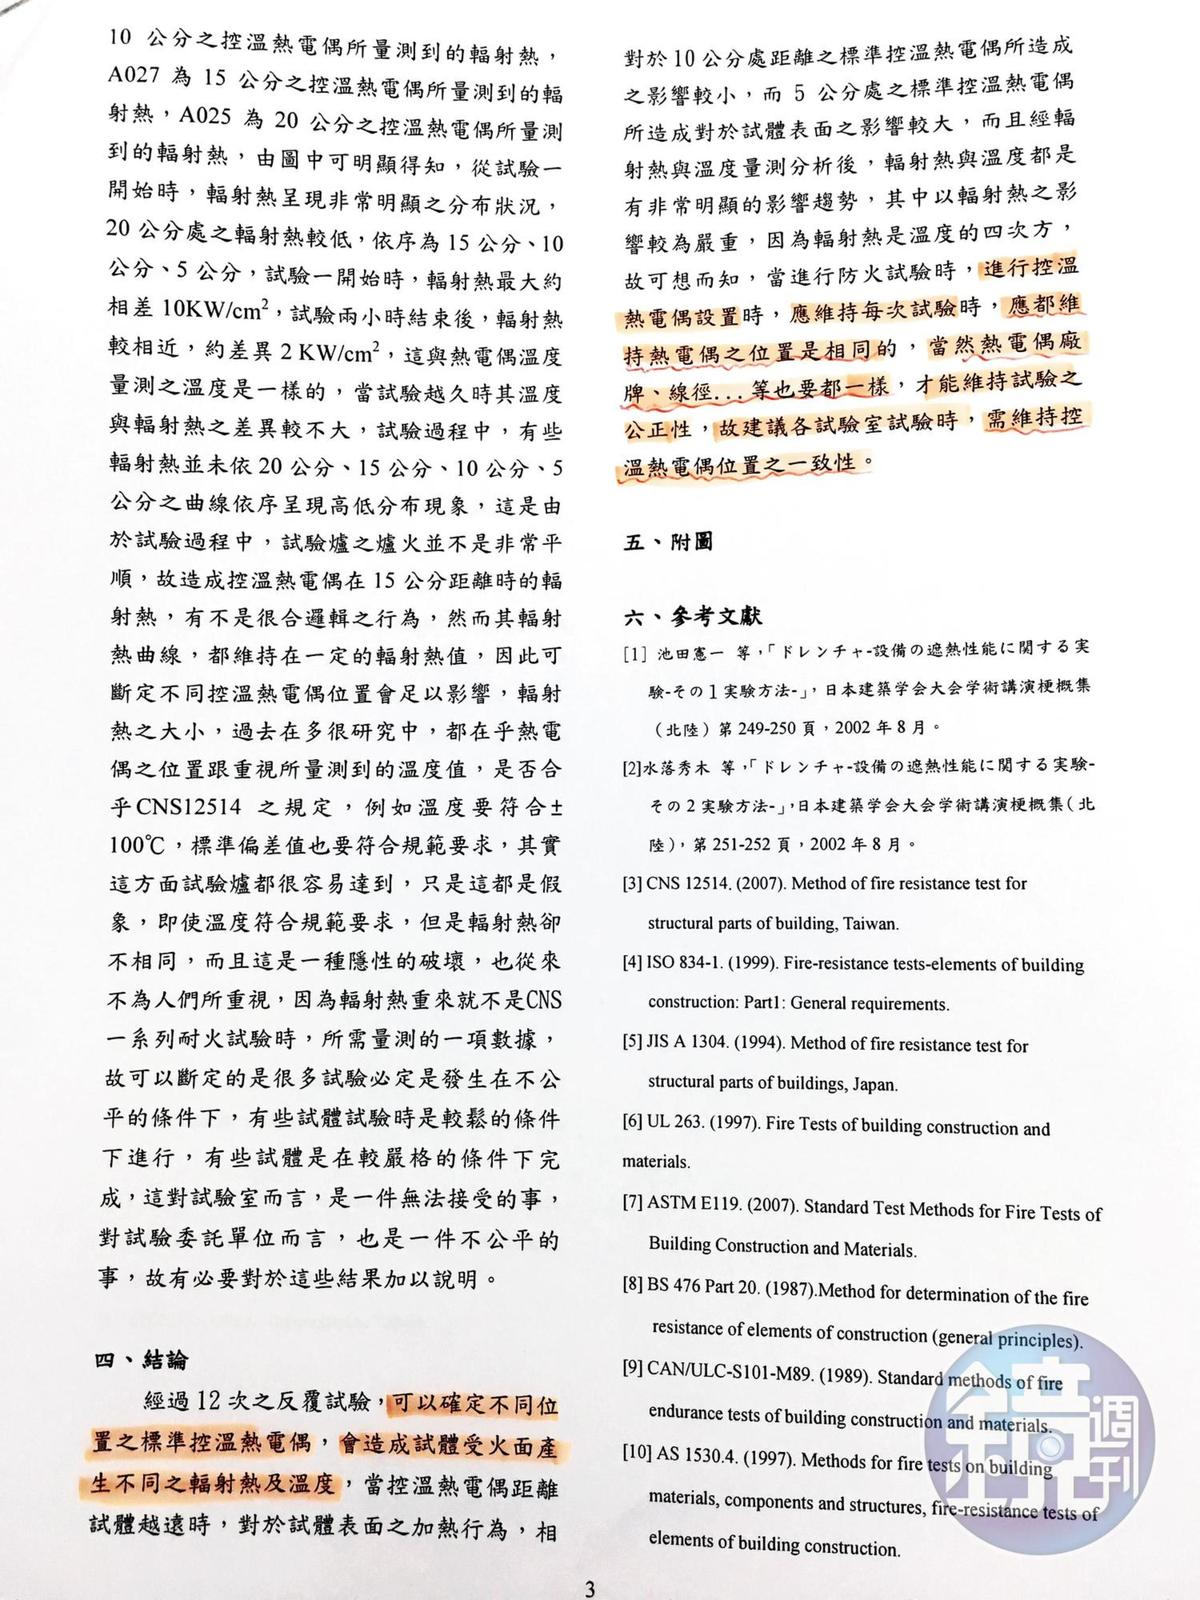 台灣科大建築系的研究報告建議,試驗室在試驗時務必維持測溫棒位置的一致性。